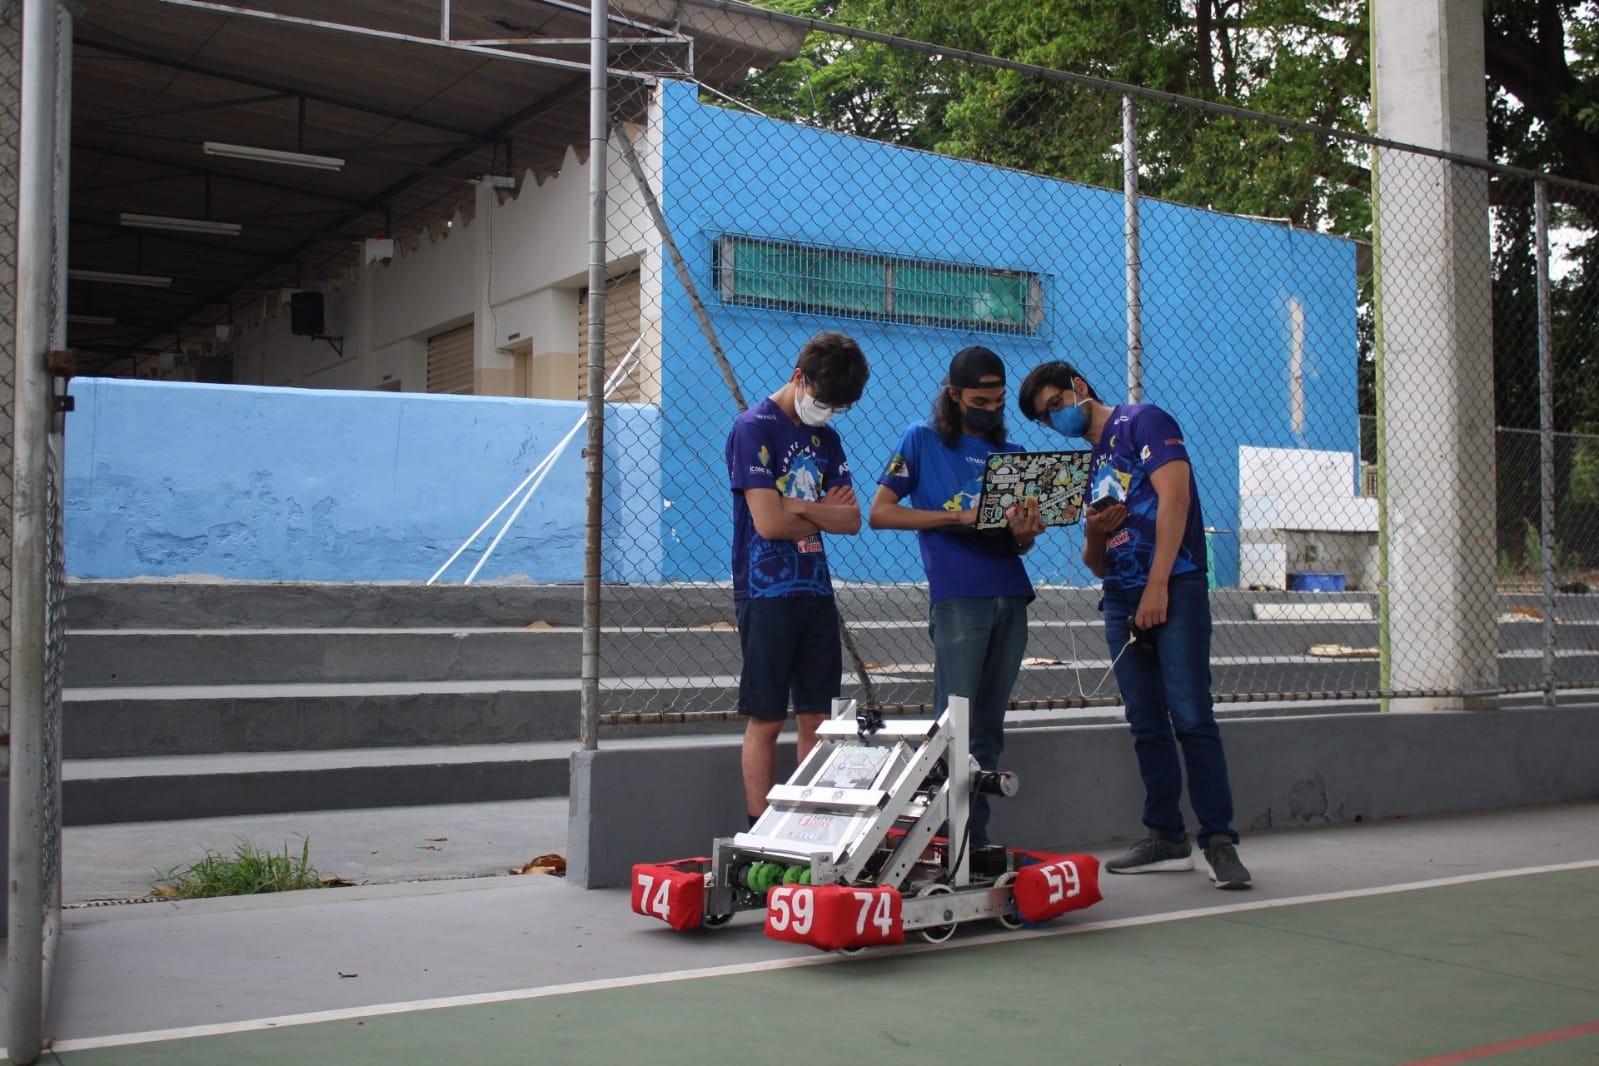 Equipe de robótica tem inscrições abertas para 40 vagas em Taubaté